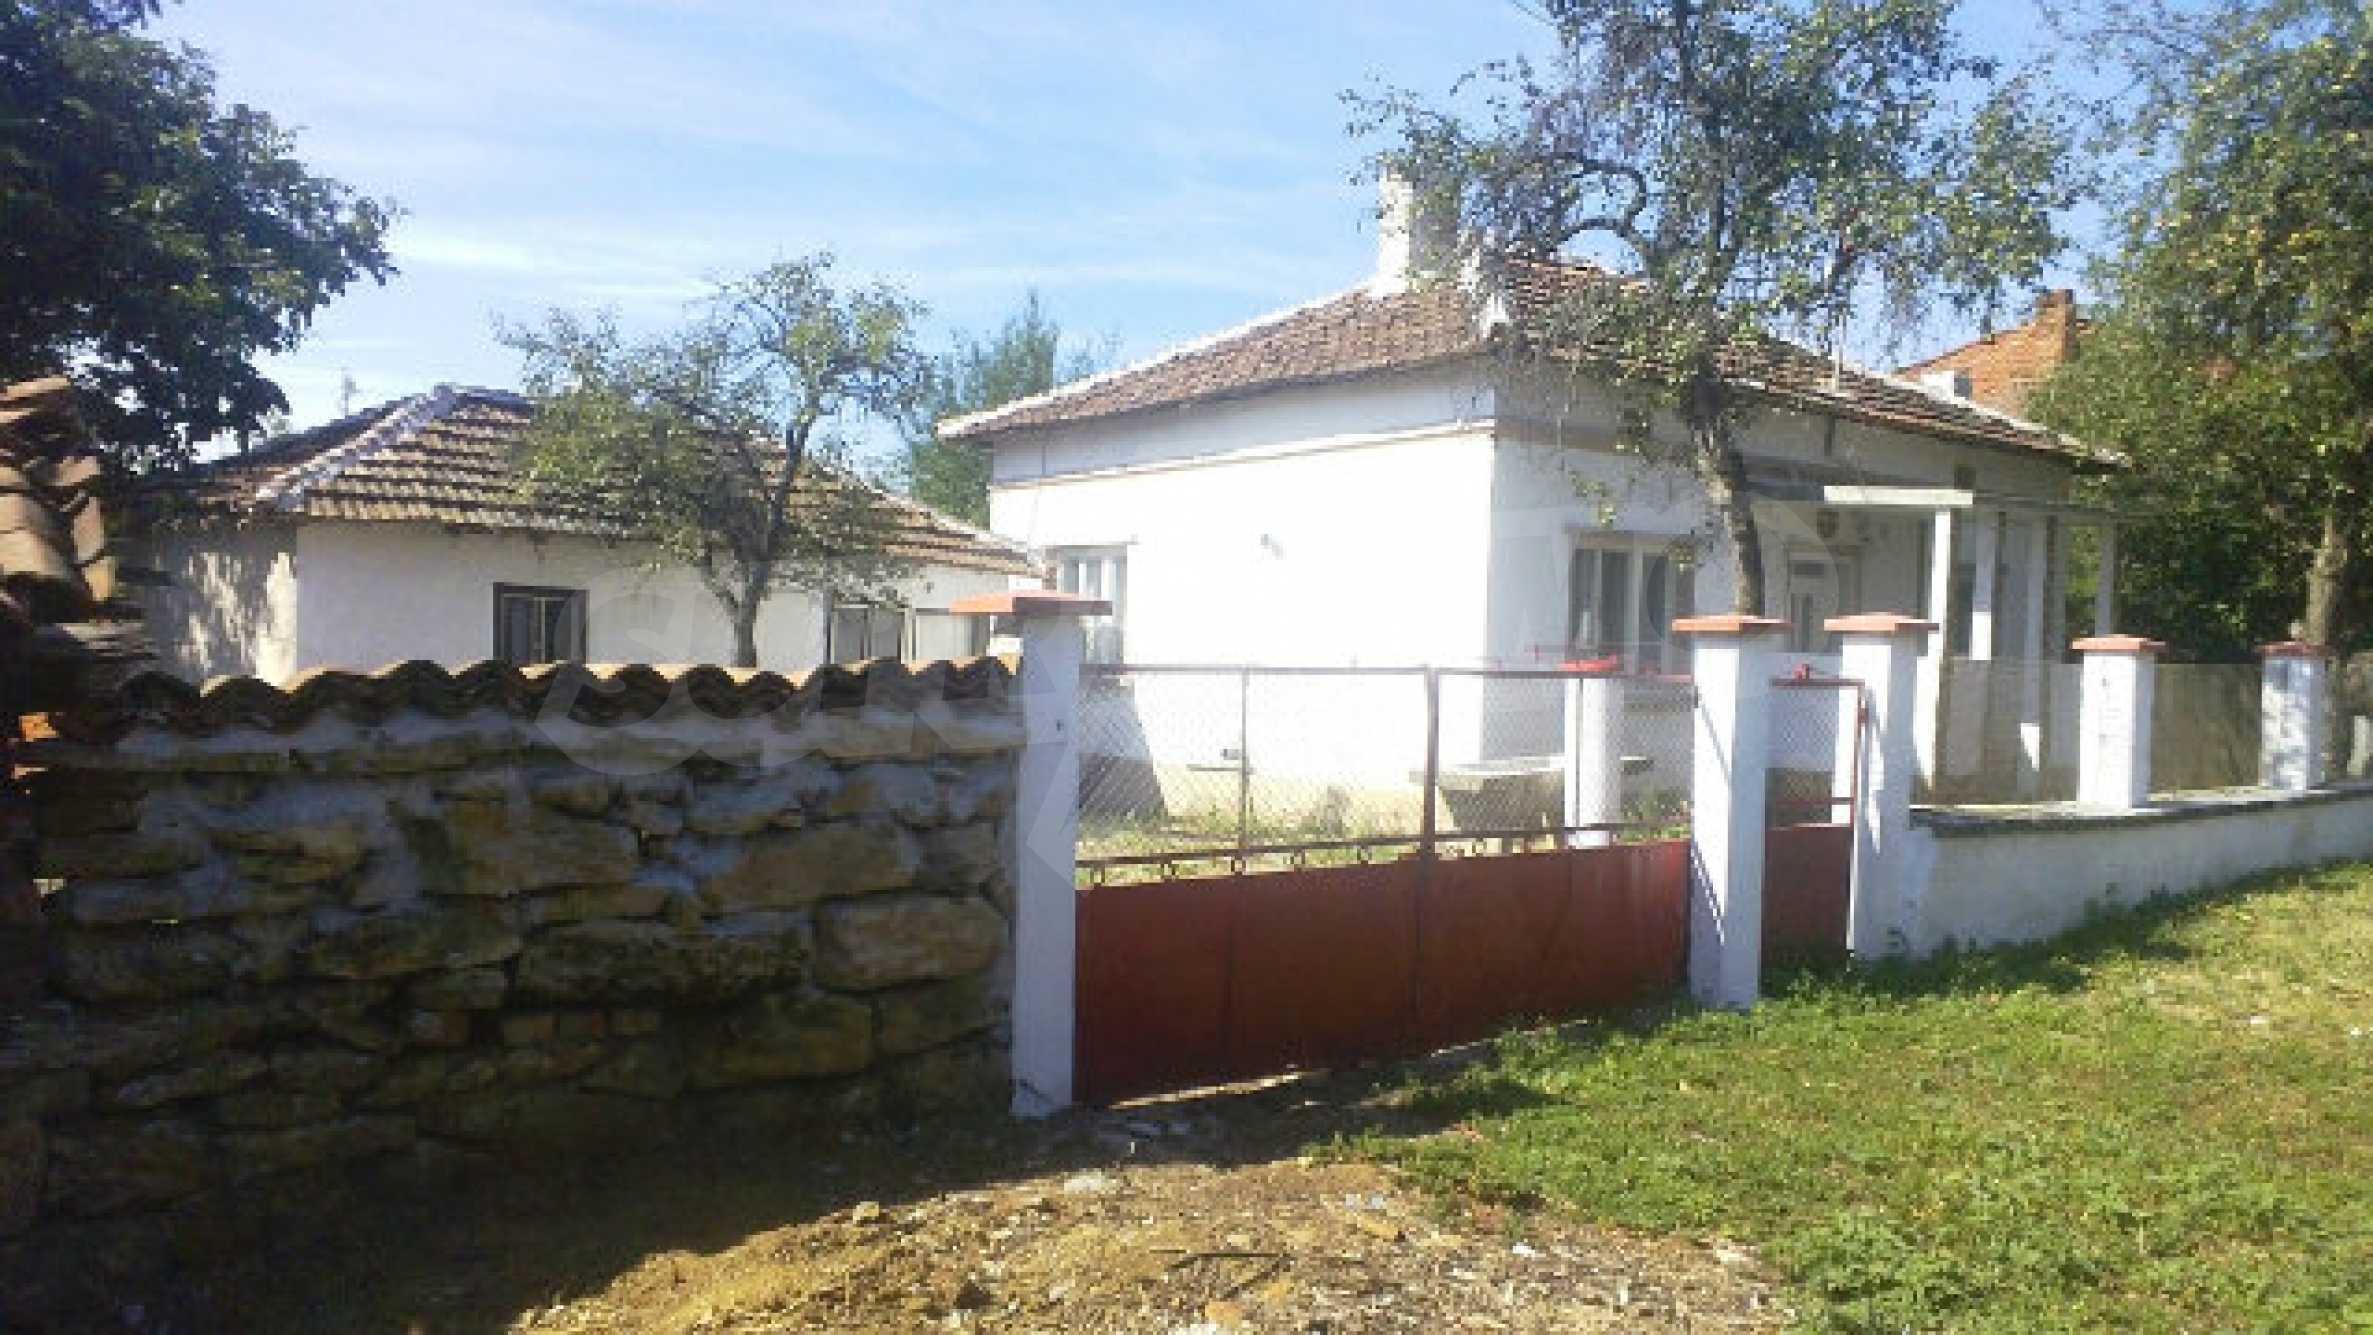 Massives einstöckiges Haus mit Küche in einem kleinen Dorf 40 km von Vidin entfernt 5